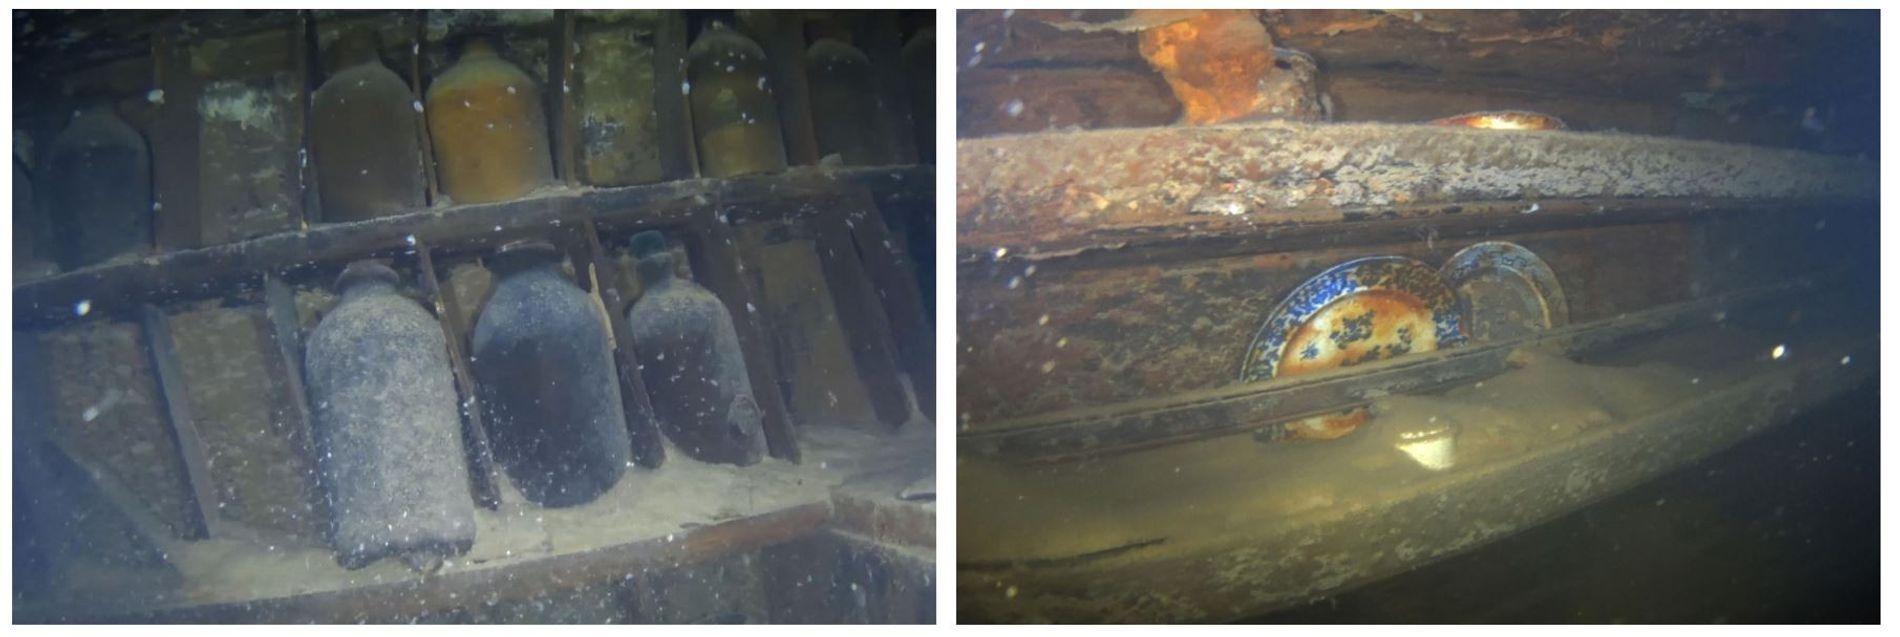 Esquerda: No refeitório dos oficiais, as garrafas de vidro permanecem intactas. O navio parece ter assentado suavemente no fundo do mar. Direita: As loiças ainda estão nas prateleiras, como se estivessem prontas para a refeição seguinte. Grande parte do interior do navio está coberto de lodo, que sela o oxigénio e ajuda a preservar os artefactos escondidos nos sedimentos.